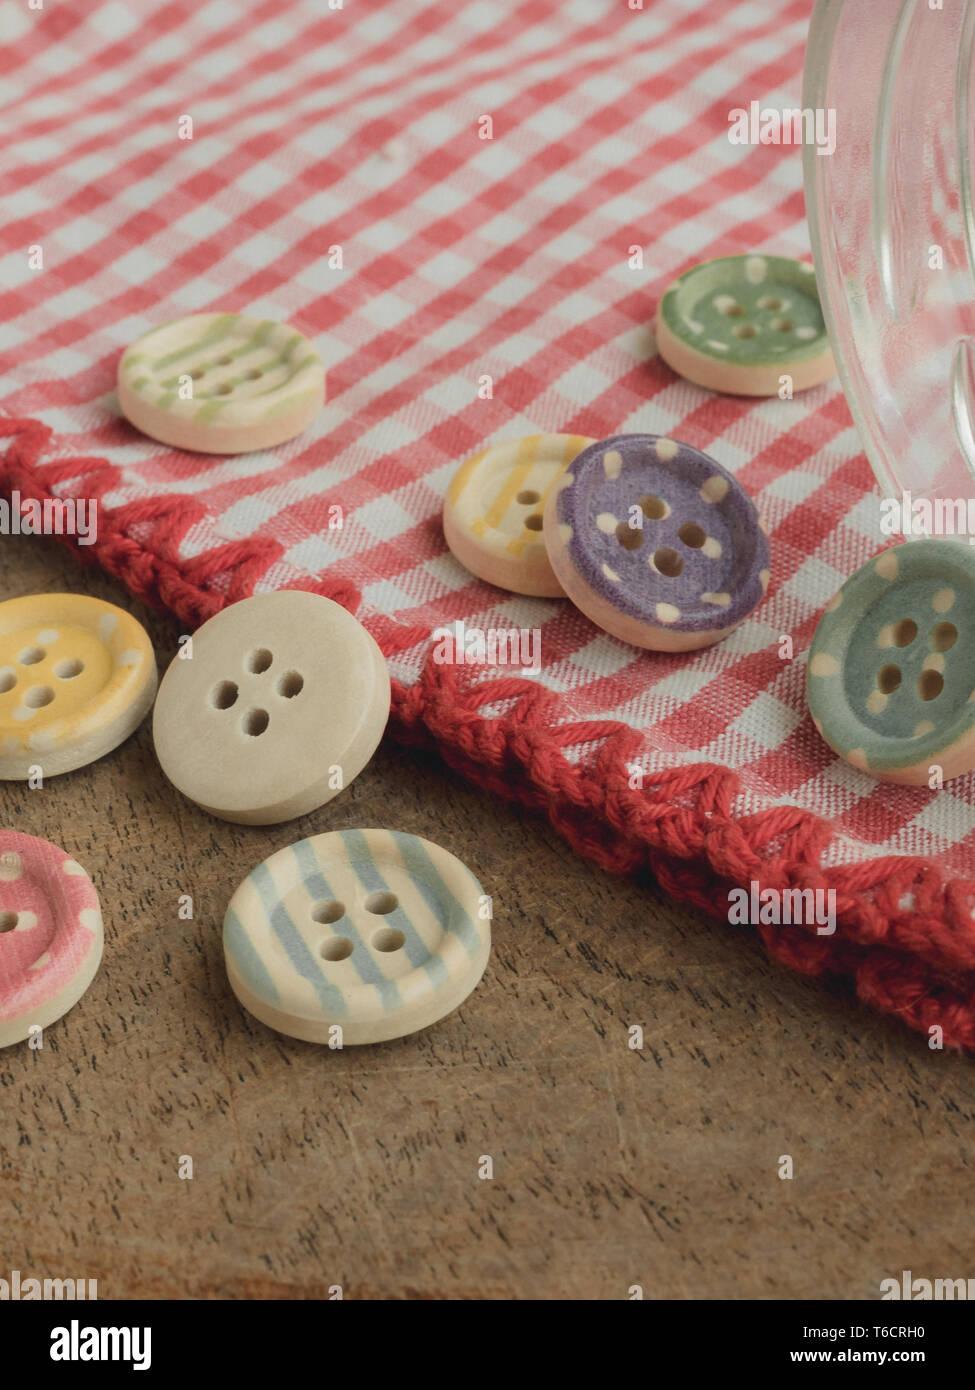 Botones de madera con tiras de colores de colores sobre un mantel de cuadros rojos y blancos, costura Imagen De Stock